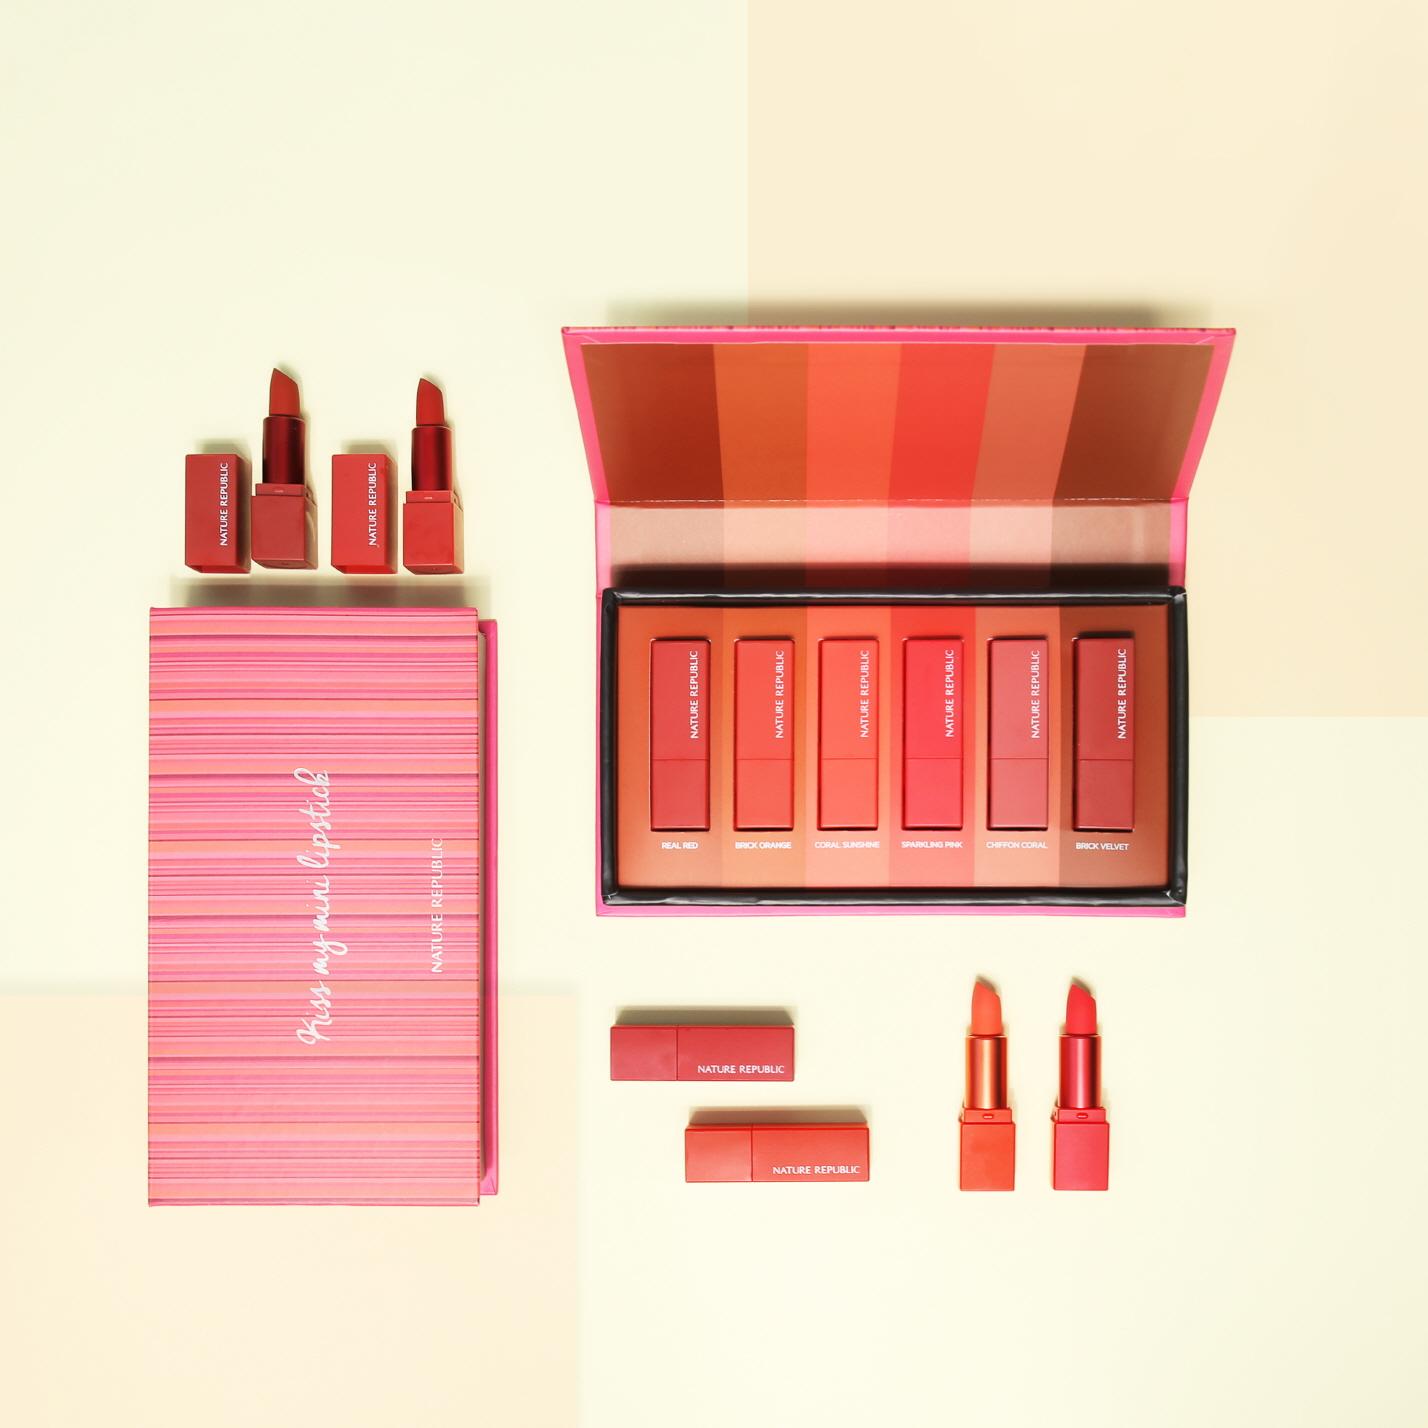 인기 컬러의 미니 립스틱만을 담은 온라인 전용 제품 출시